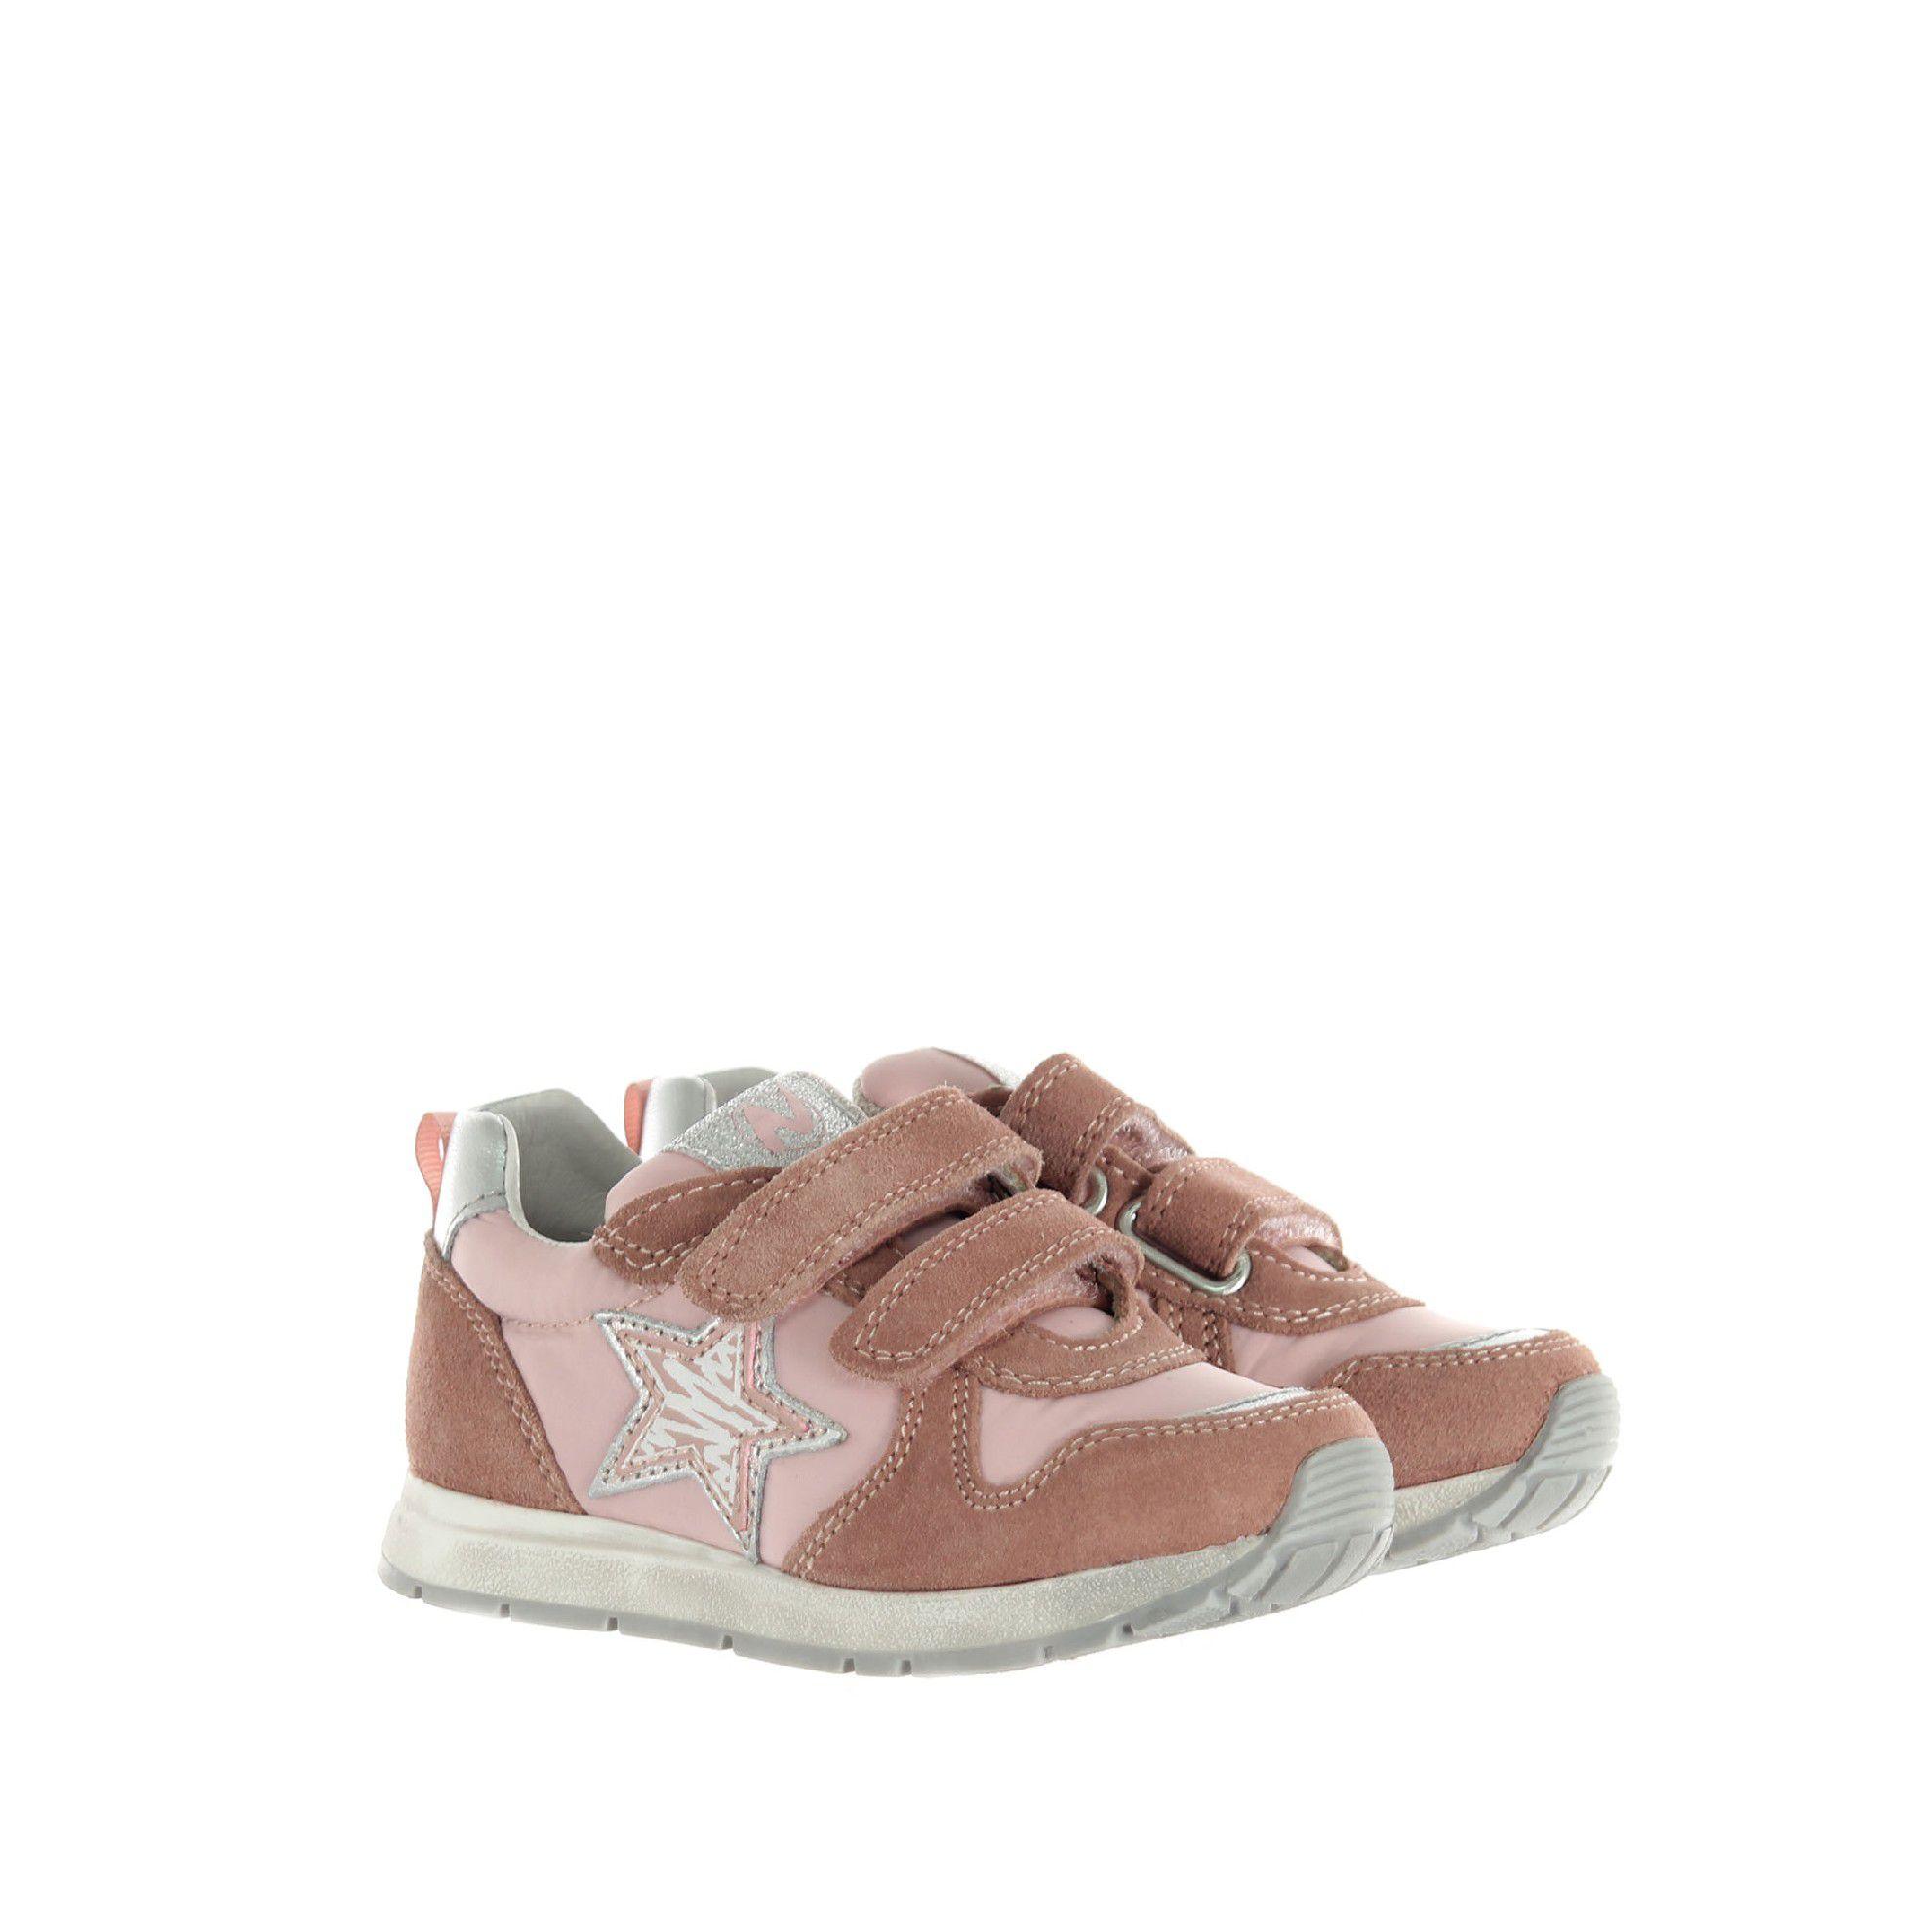 Naturino sneaker con stella da bambina